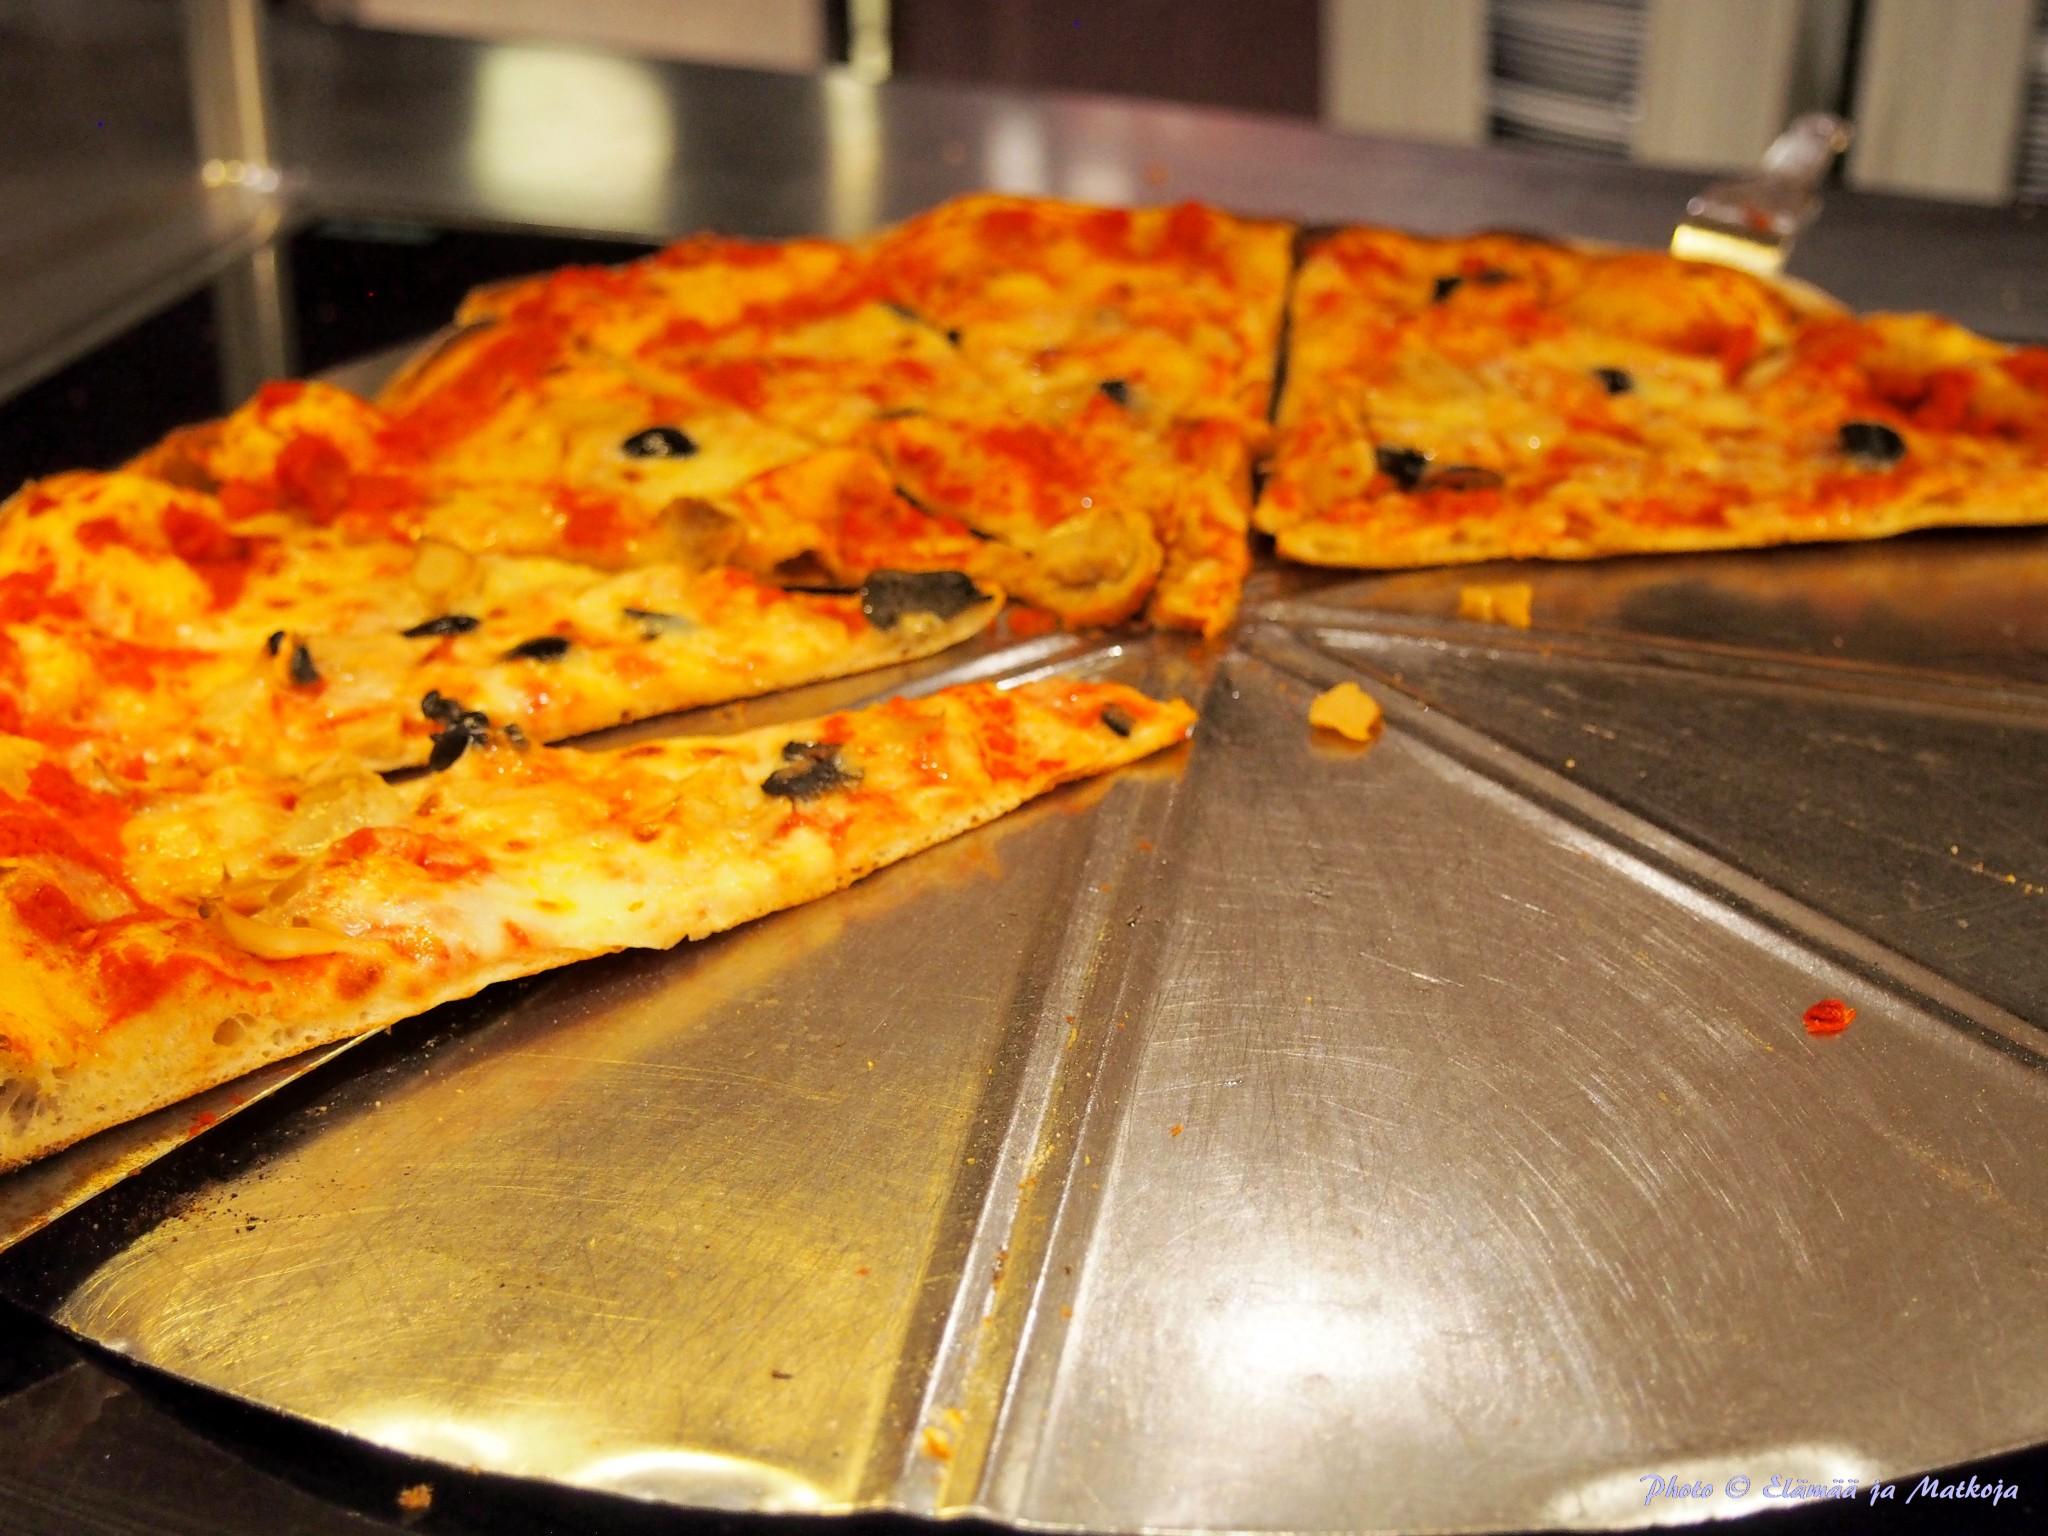 MSC Cruisesin pizzaa kutsutaan merten parhaaksi ja MSC Fantasialla 12 tuntia tarjoiltava pizza teki vauhdilla kauppansa! Photo © Elämää ja Matkoja